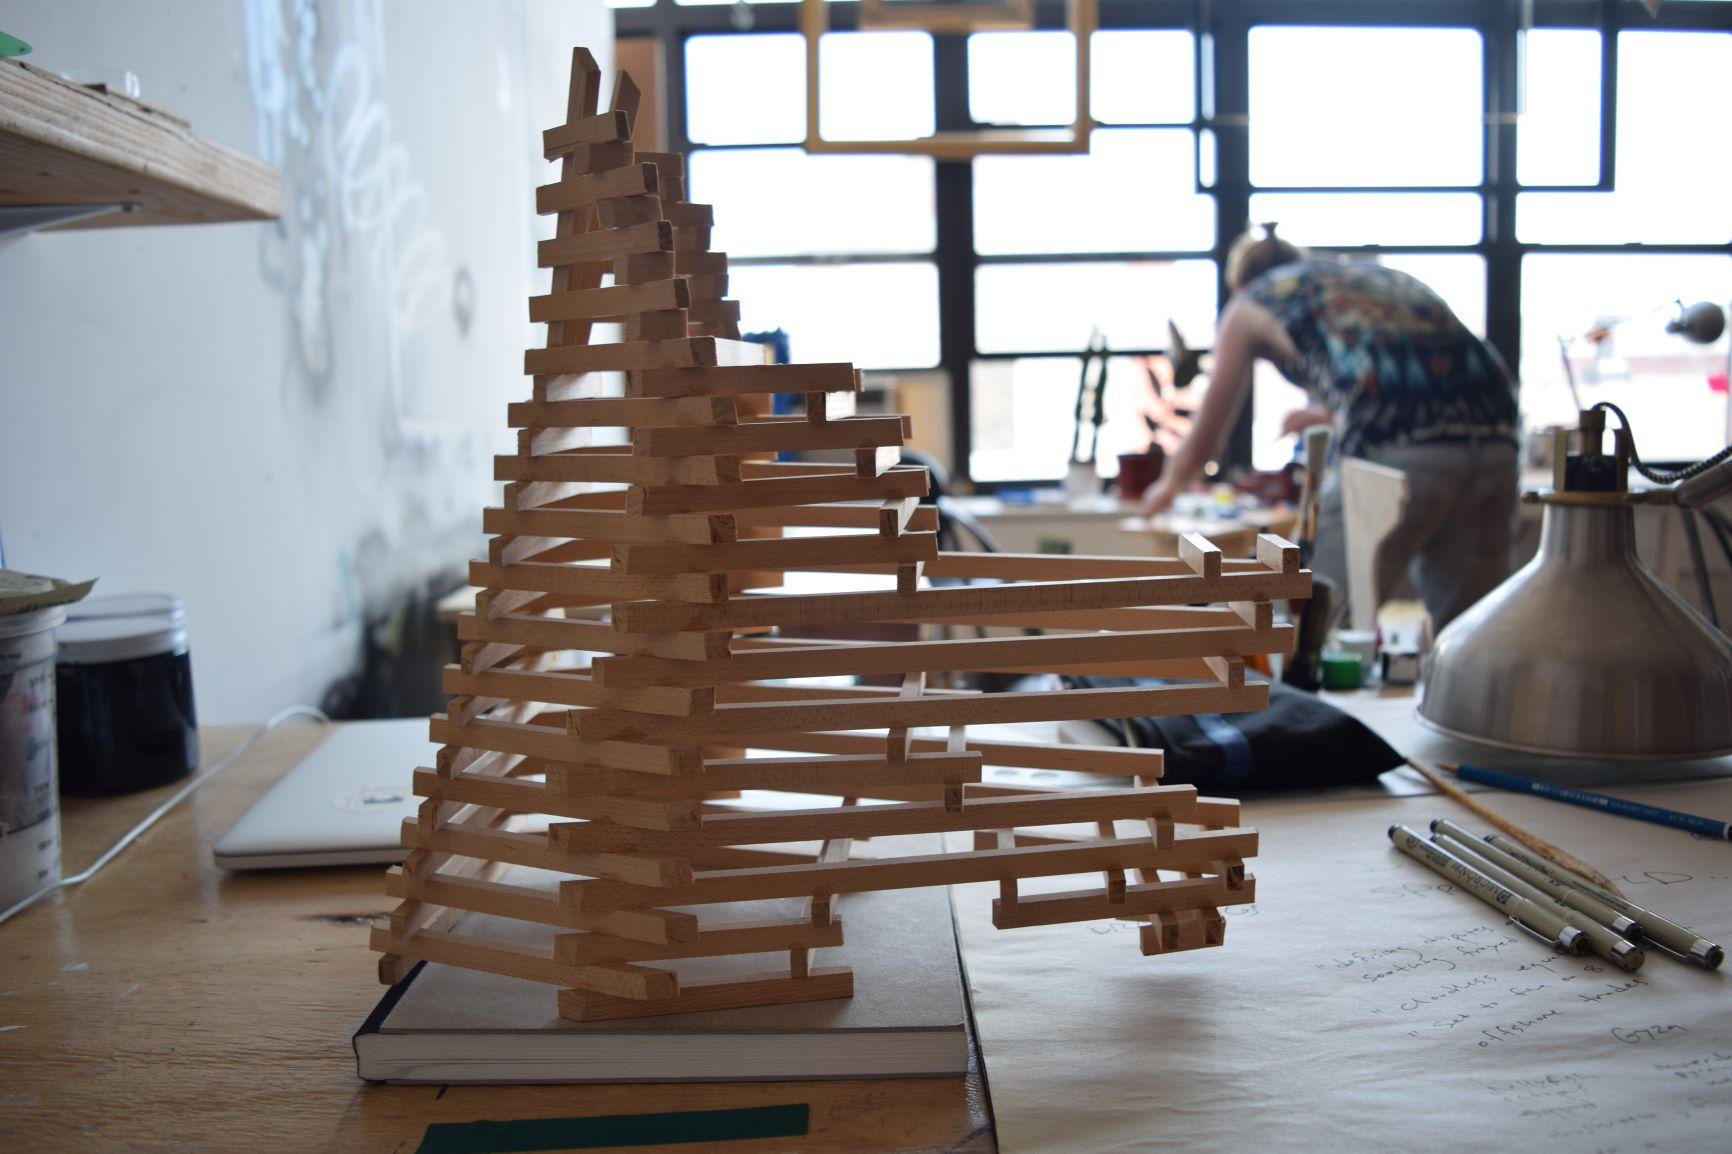 Wooden Mock-Up